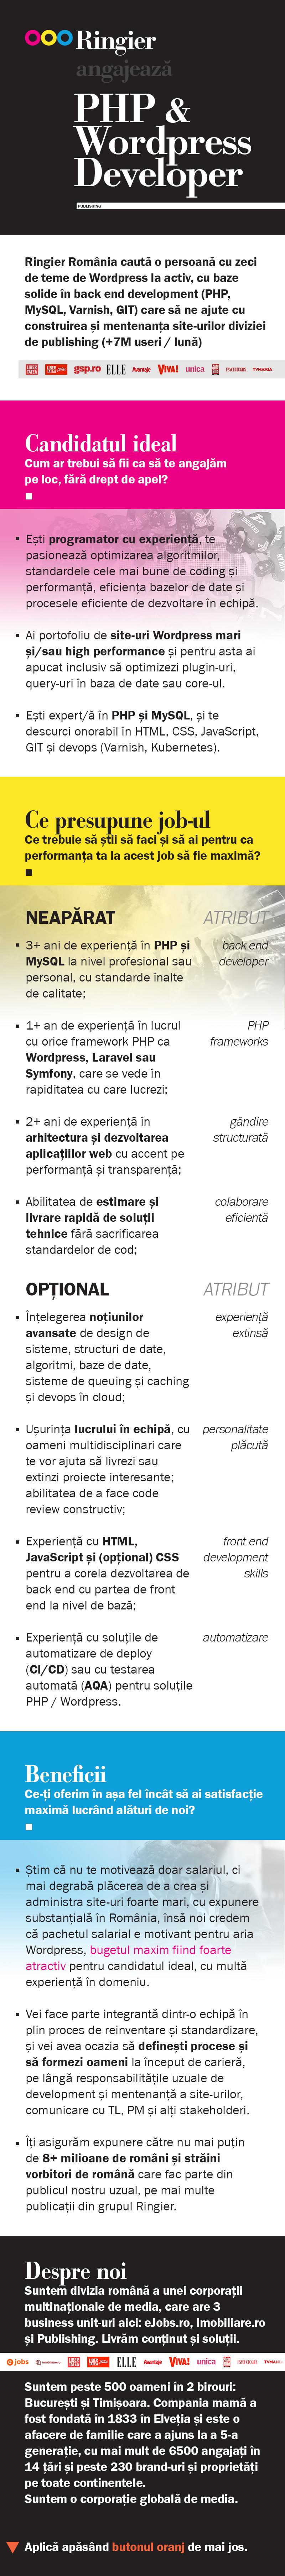 Ringier România caută o persoană cu zeci de teme de Wordpress la activ, cu baze solide în back end development (PHP, MySQL, Varnish, GIT) care să ne ajute cu construirea și mentenanța site-urilor diviziei de publishing (+7M useri / lună). Candidatul ideal Cum ar trebui să fii ca să te angajăm pe loc, fără drept de apel?  Ești programator cu experiență, te pasionează optimizarea algoritmilor, standardele cele mai bune de coding și performanță, eficiența bazelor de date și procesele eficiente de dezvoltare în echipă. Ai portofoliu de site-uri Wordpress mari și/sau high performance și pentru asta ai apucat inclusiv să optimizezi plugin-uri, query-uri în baza de date sau core-ul. Ești expert/ă în PHP și MySQL, și te descurci onorabil în HTML, CSS, JavaScript, GIT și devops (Varnish, Kubernetes).  Ce presupune job-ul Ce trebuie să știi să faci și să ai pentru ca performanța ta la acest job să fie maximă? NEAPĂRAT  3+ ani de experiență în PHP și MySQL la nivel profesional sau personal, cu standarde înalte de calitate; (back end developer) 1+ an de experiență în lucrul cu orice framework PHP ca Wordpress, Laravel sau Symfony, care se vede în rapiditatea cu care lucrezi; (PHP frameworks) 2+ ani de experiență în arhitectura și dezvoltarea aplicațiilor web cu accent pe performanță și transparență; (gândire structurată) Abilitatea de estimare și livrare rapidă de soluții tehnice fără sacrificarea standardelor de cod; (colaborare eficientă)  OPȚIONAL   Înțelegerea noțiunilor avansate de design de sisteme, structuri de date, algoritmi, baze de date, sisteme de queuing și caching și devops în cloud; (experiență extinsă) Ușurința lucrului în echipă, cu oameni multidisciplinari care te vor ajuta să livrezi sau extinzi proiecte interesante; abilitatea de a face code review constructiv; (personalitate plăcută) Experiență cu HTML, JavaScript și (opțional) CSS pentru a corela dezvoltarea de back end cu partea de front end la nivel de bază; (front end development skills) Experiență cu s